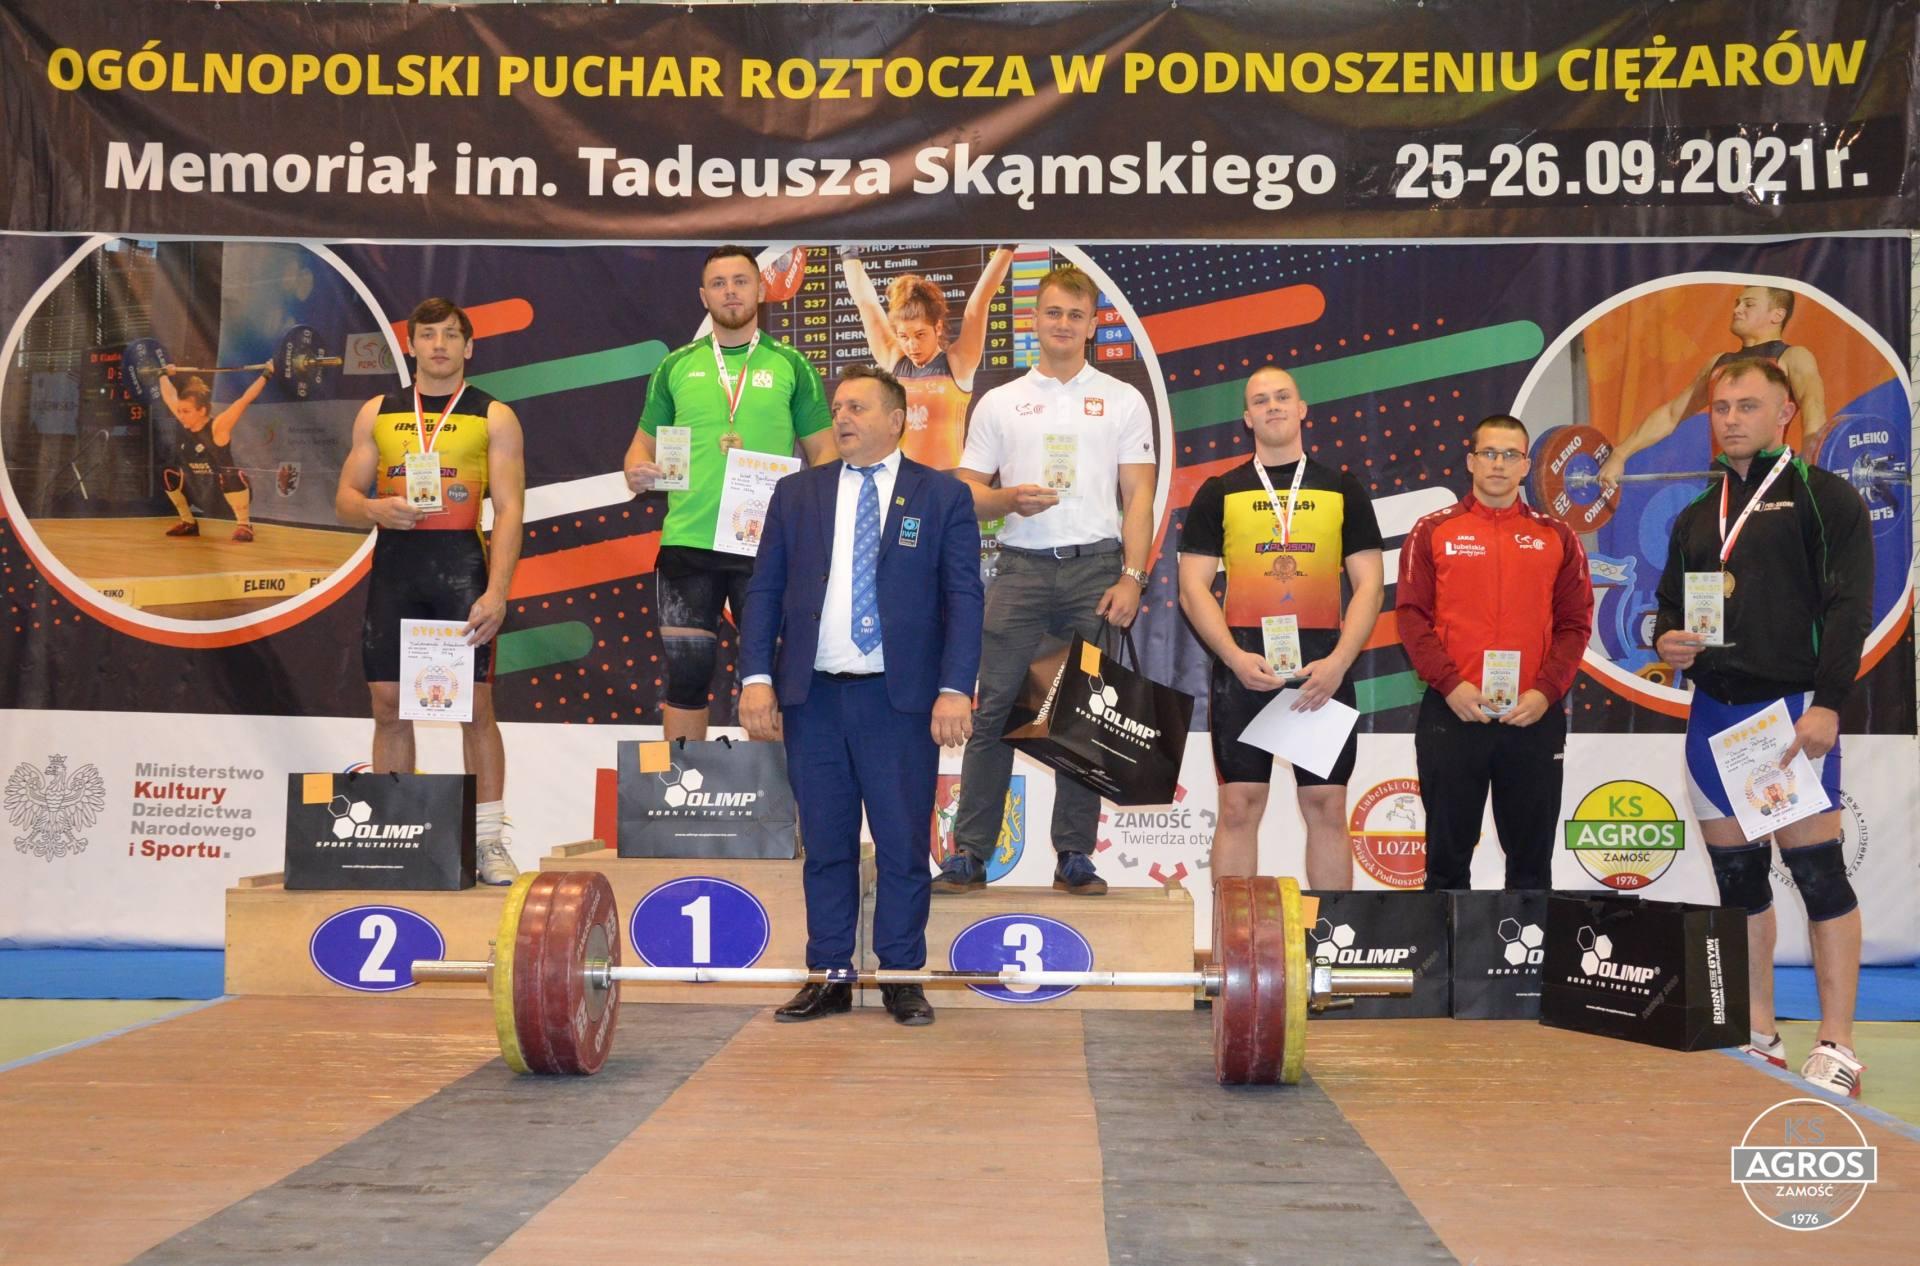 dsc 0753 Za nami Ogólnopolski Puchar Roztocza w Podnoszeniu Ciężarów 2021 - Memoriał im. Tadeusza Skąmskiego.